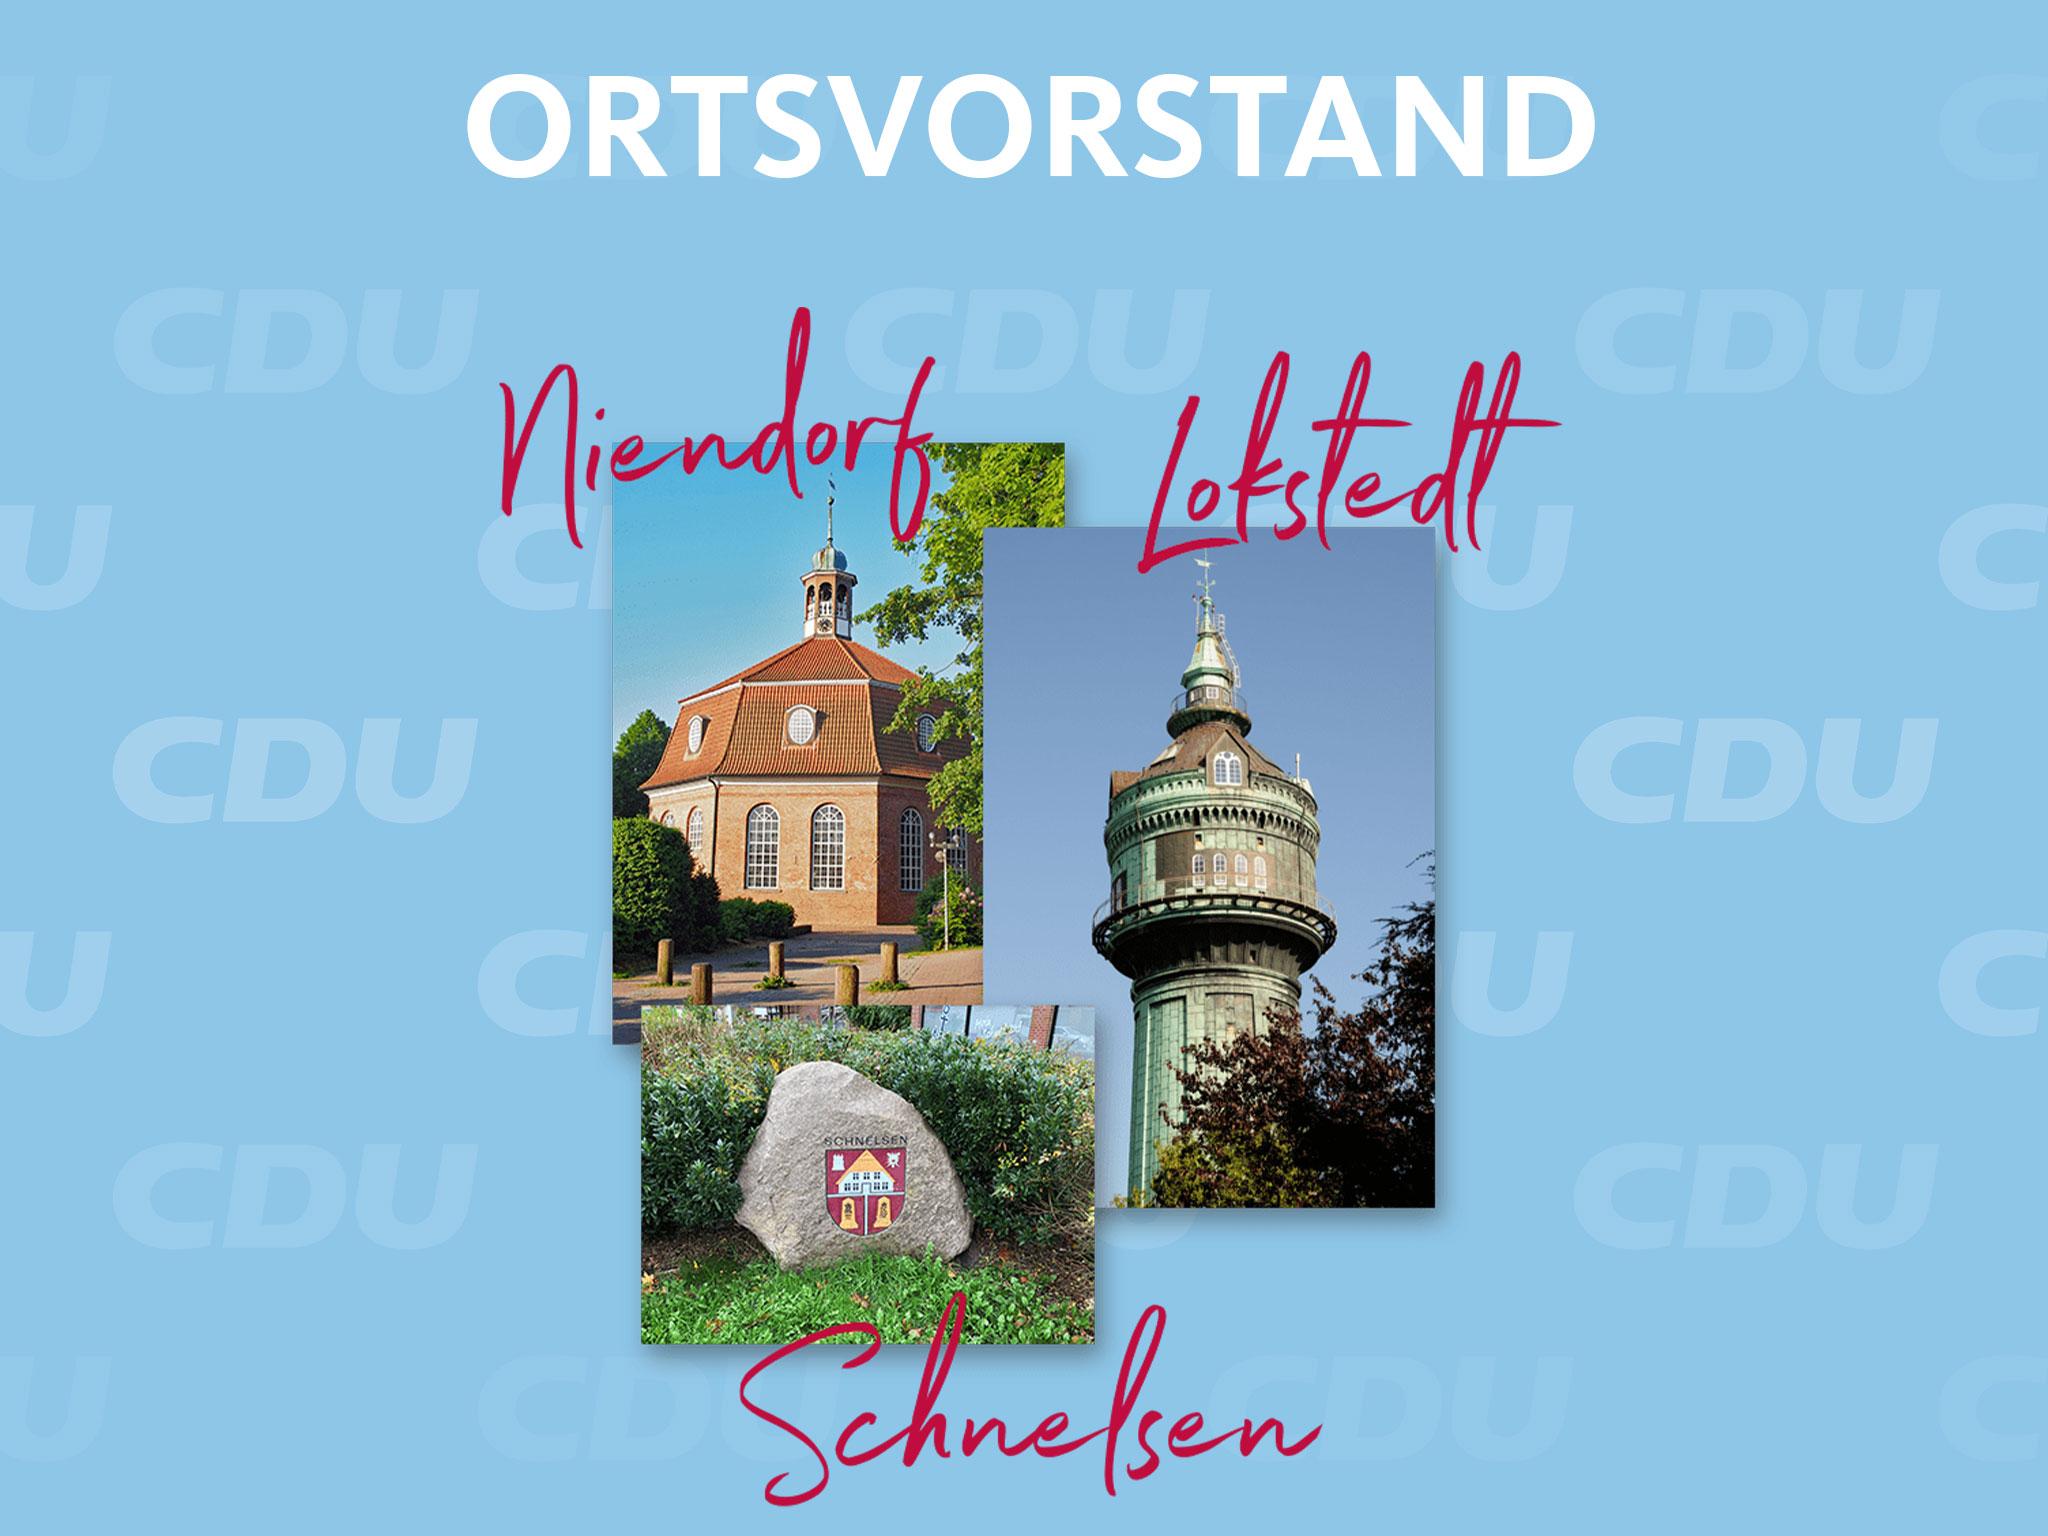 Ortsvorstand Lokstedt-Niendorf-Schnelsen